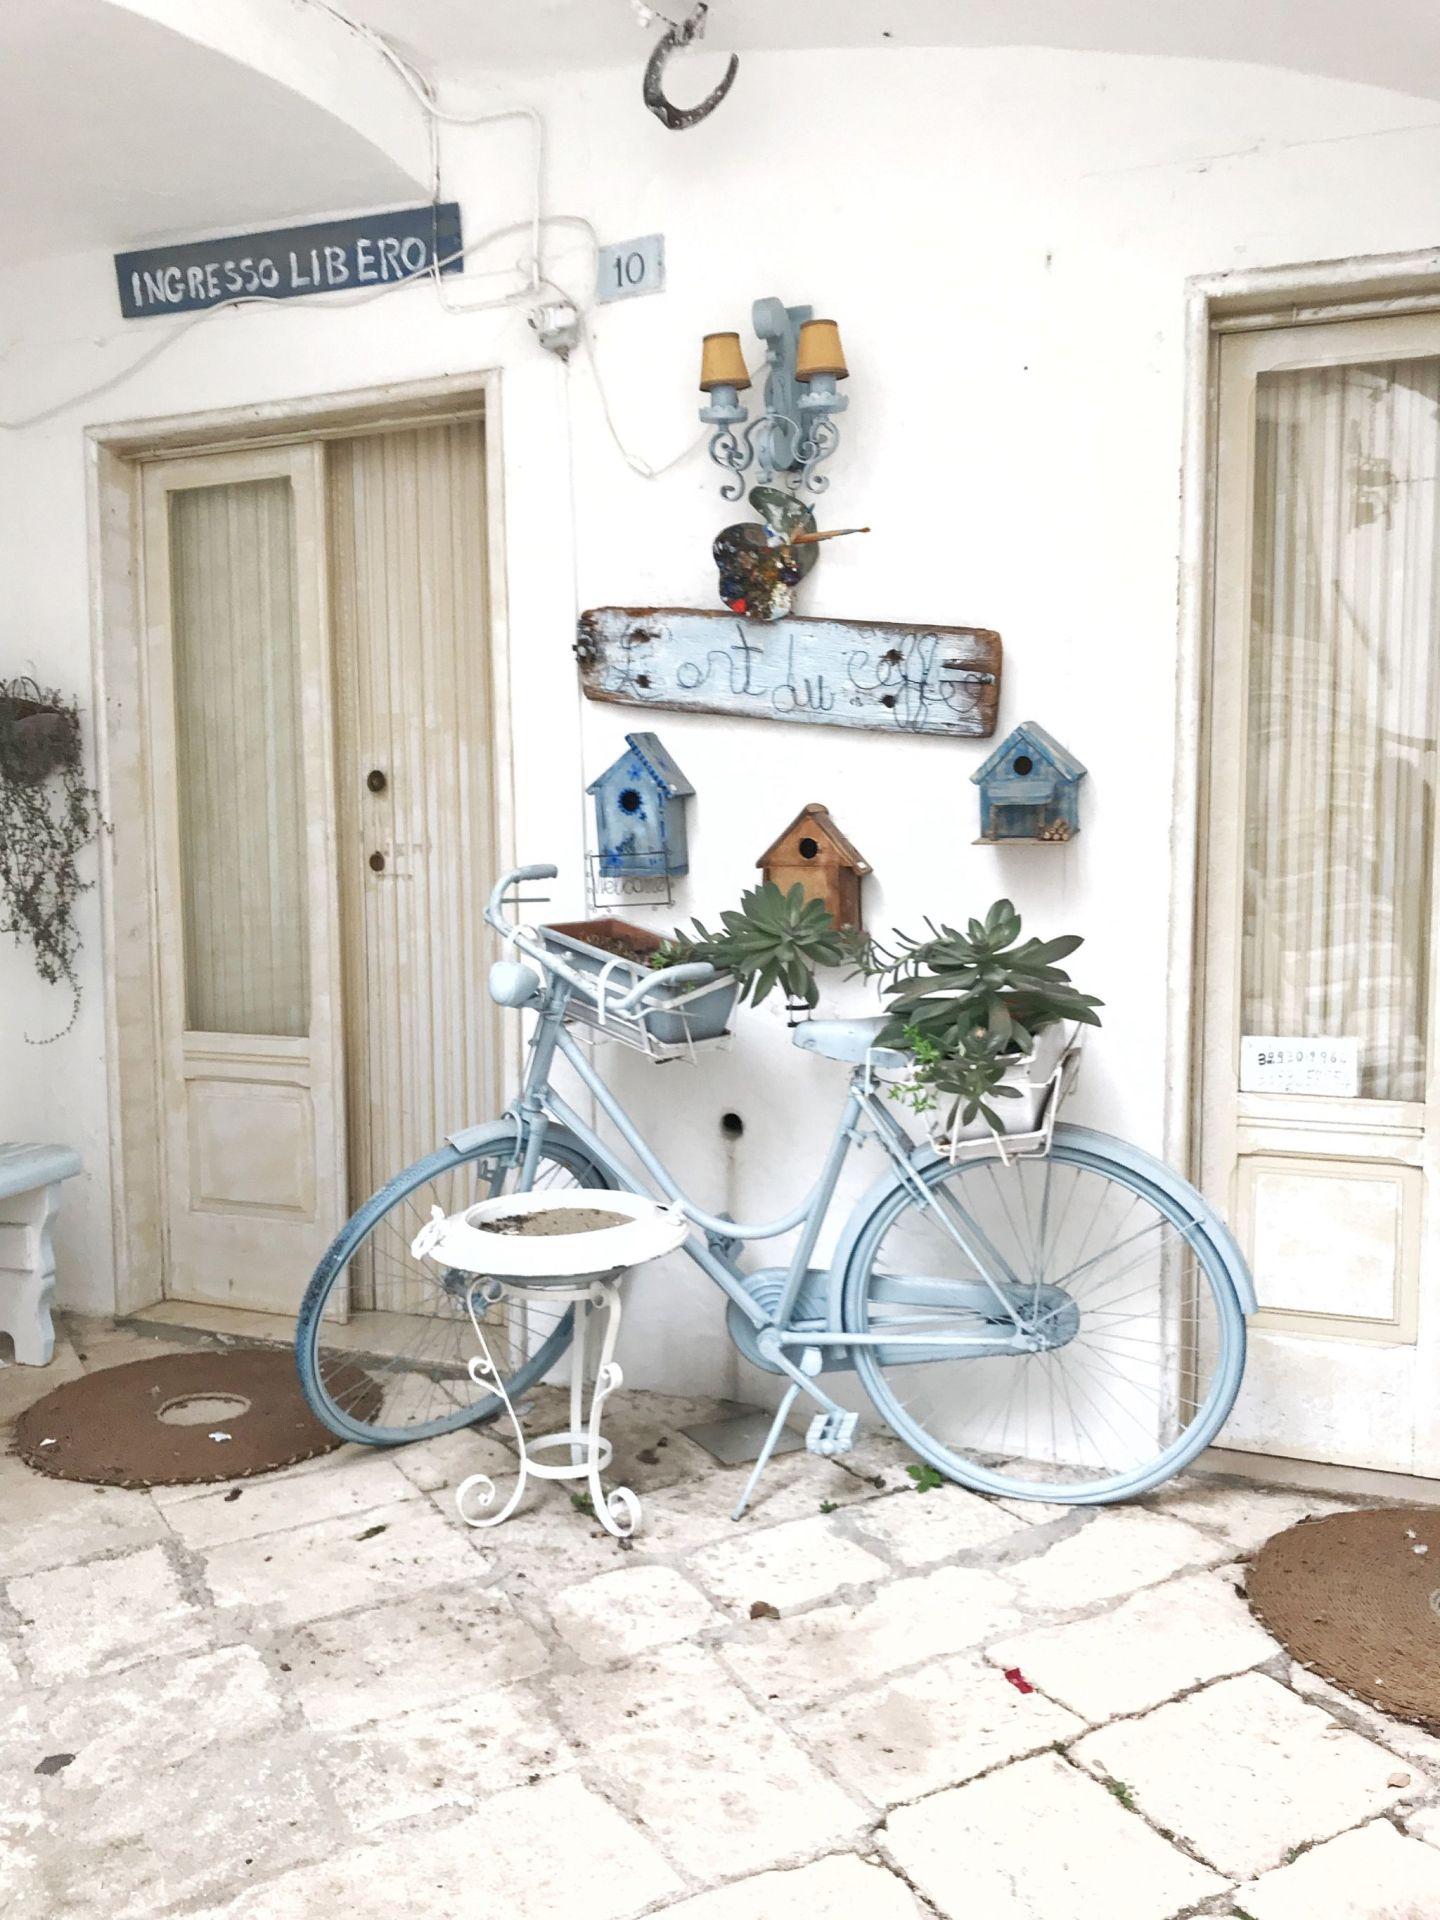 Decorative bike in Locorotondo